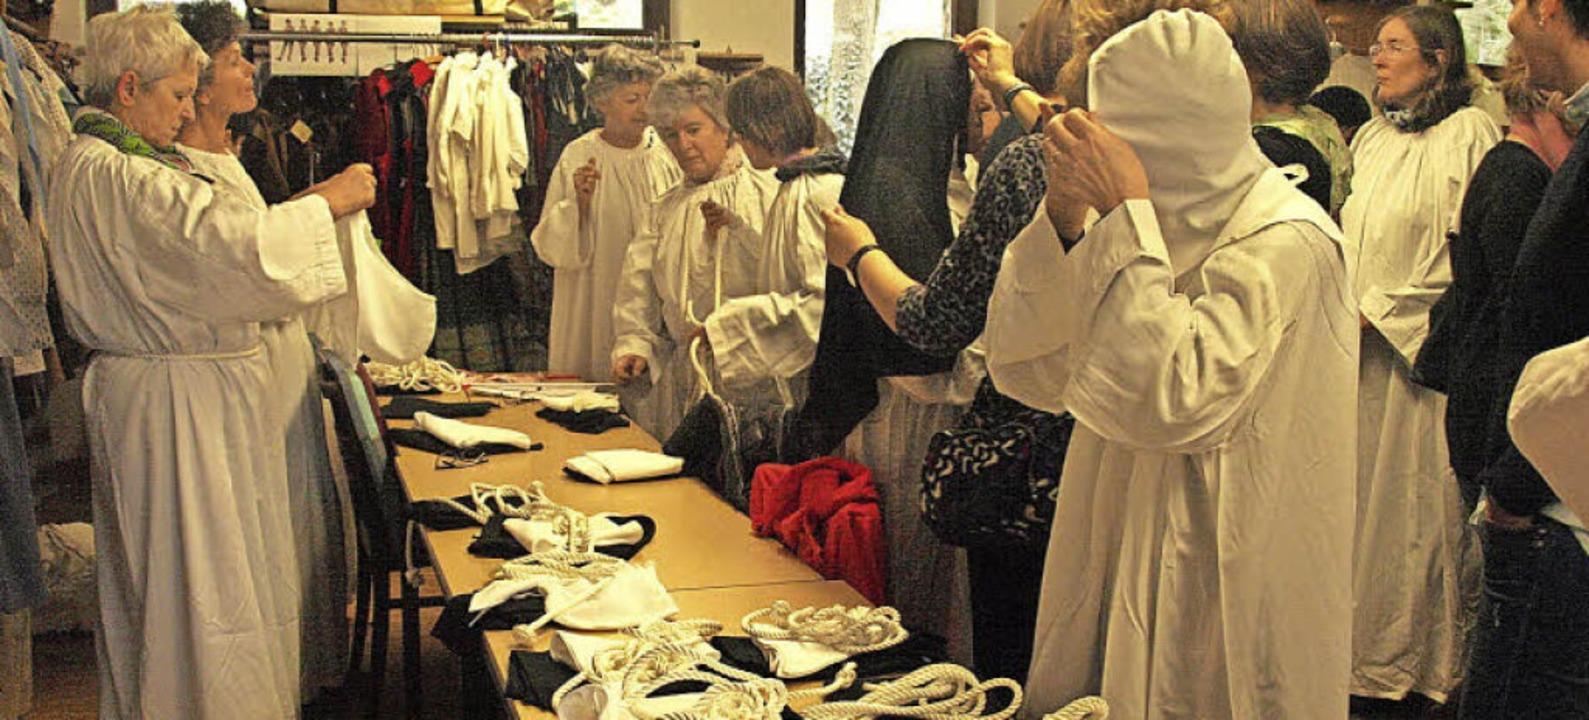 In Ötigheim wurden am vergangenen Woch...Domfestspiele St. Blasien eingekleidet  | Foto: Karin Stöckl-Steinebrunner